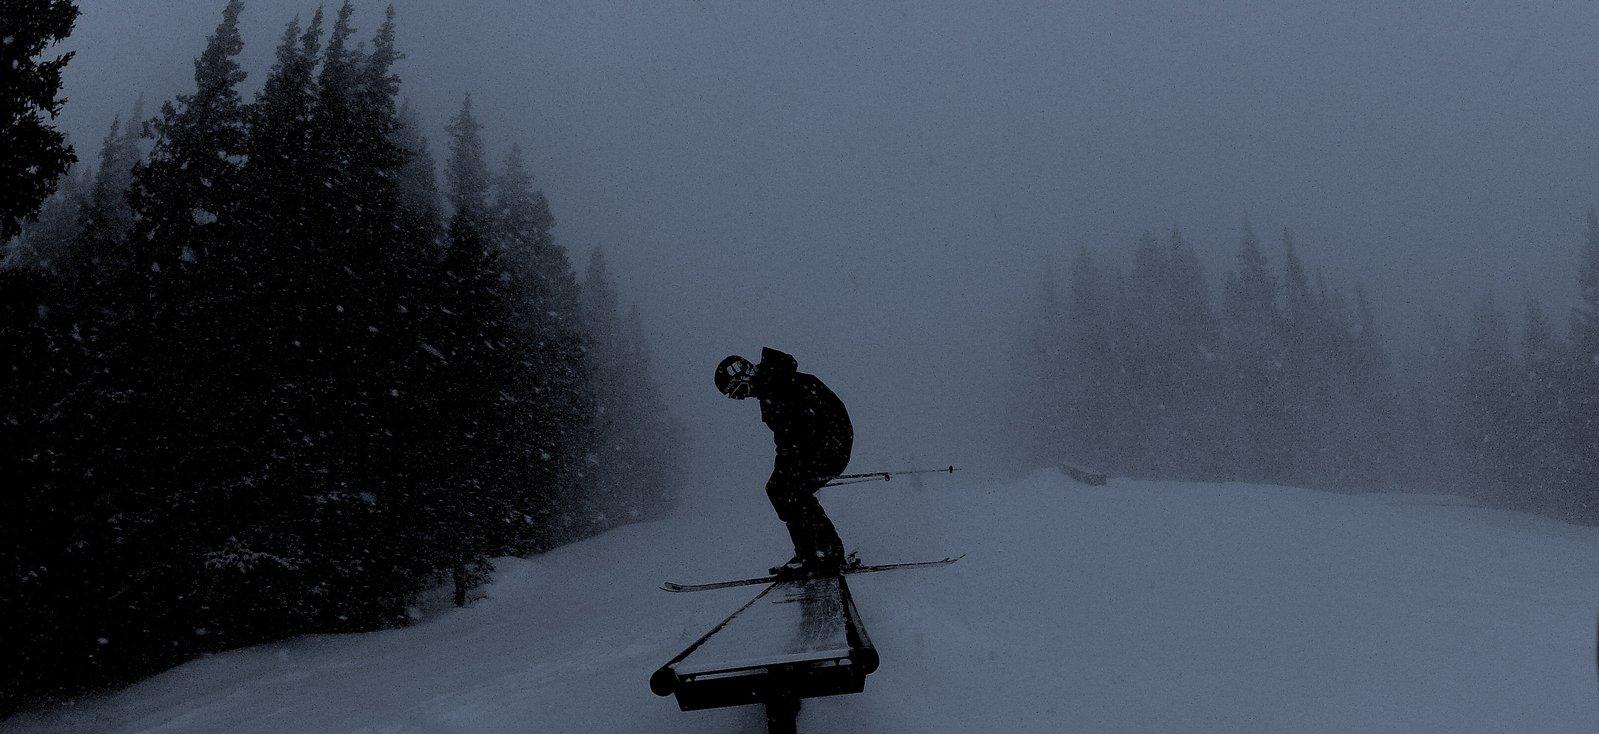 snowy park day